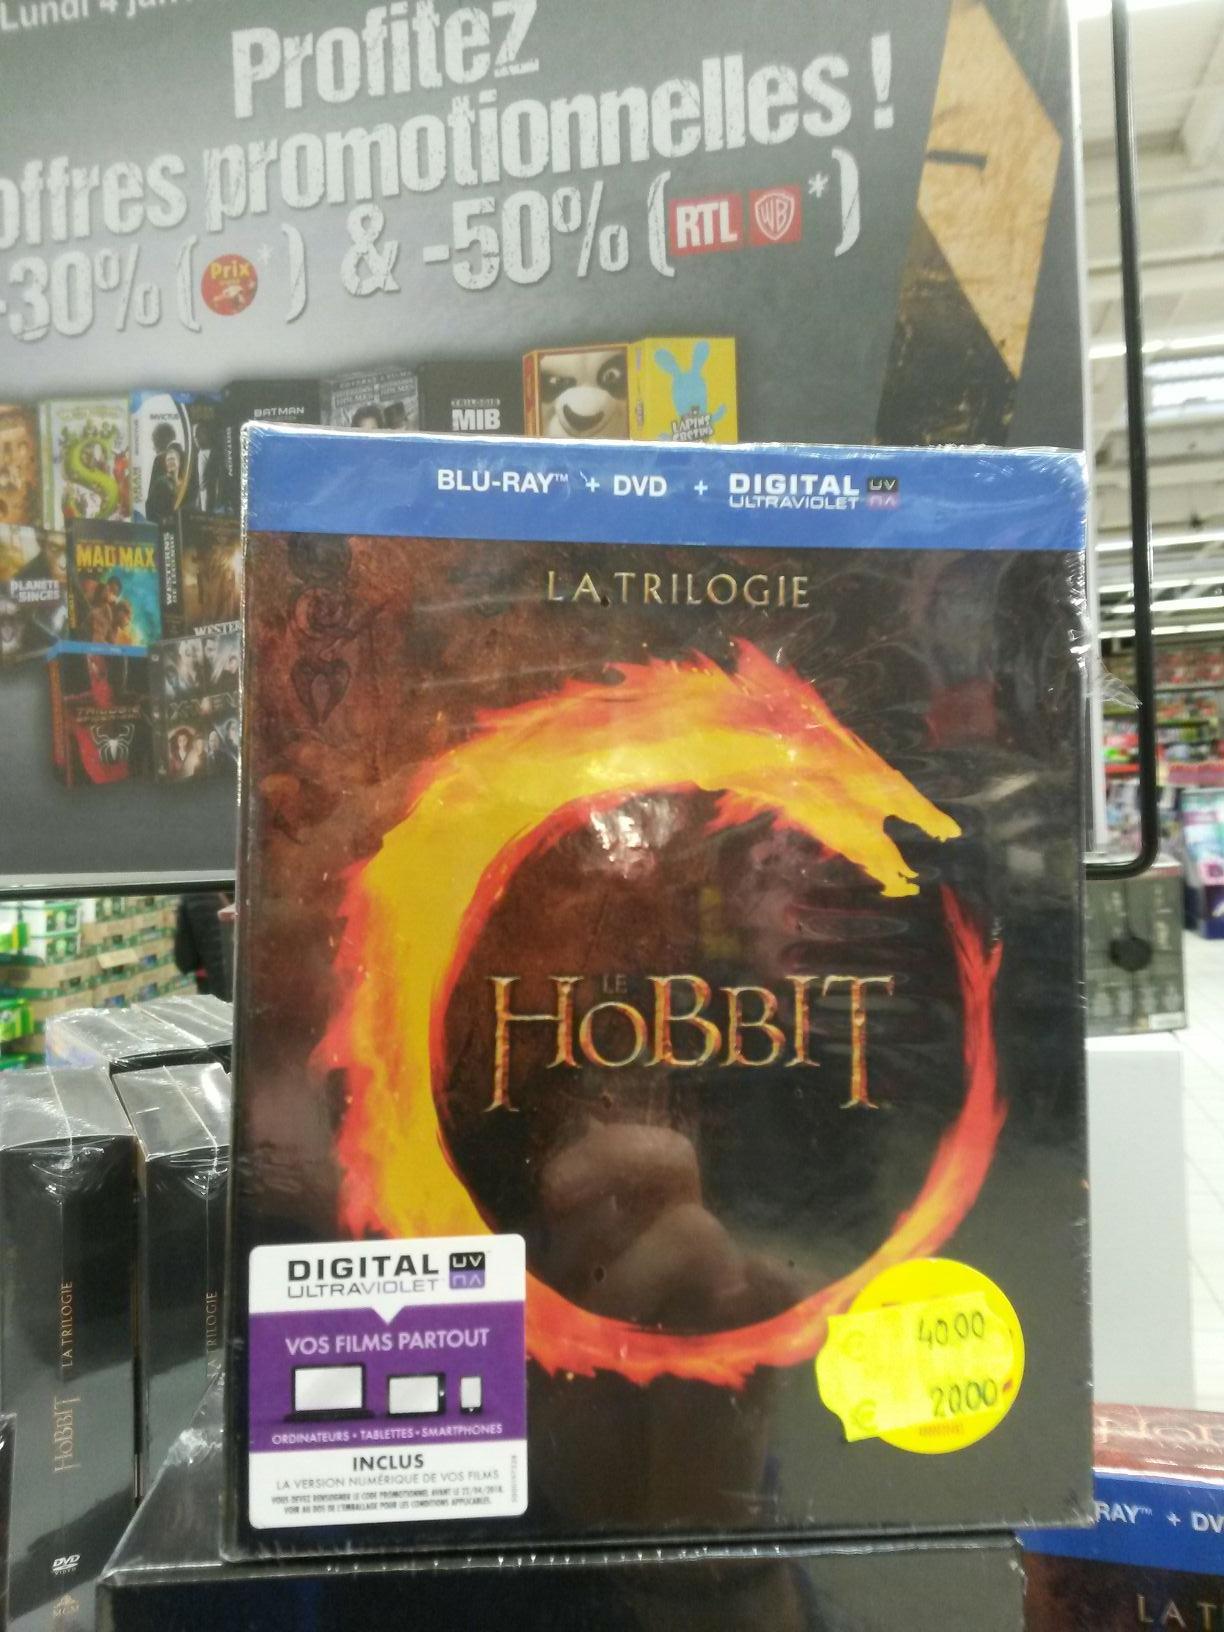 50% ou 30% de réduction sur une sélection de coffrets - Ex : Coffret Blu-ray + DVD Le Hobbit - La Trilogie